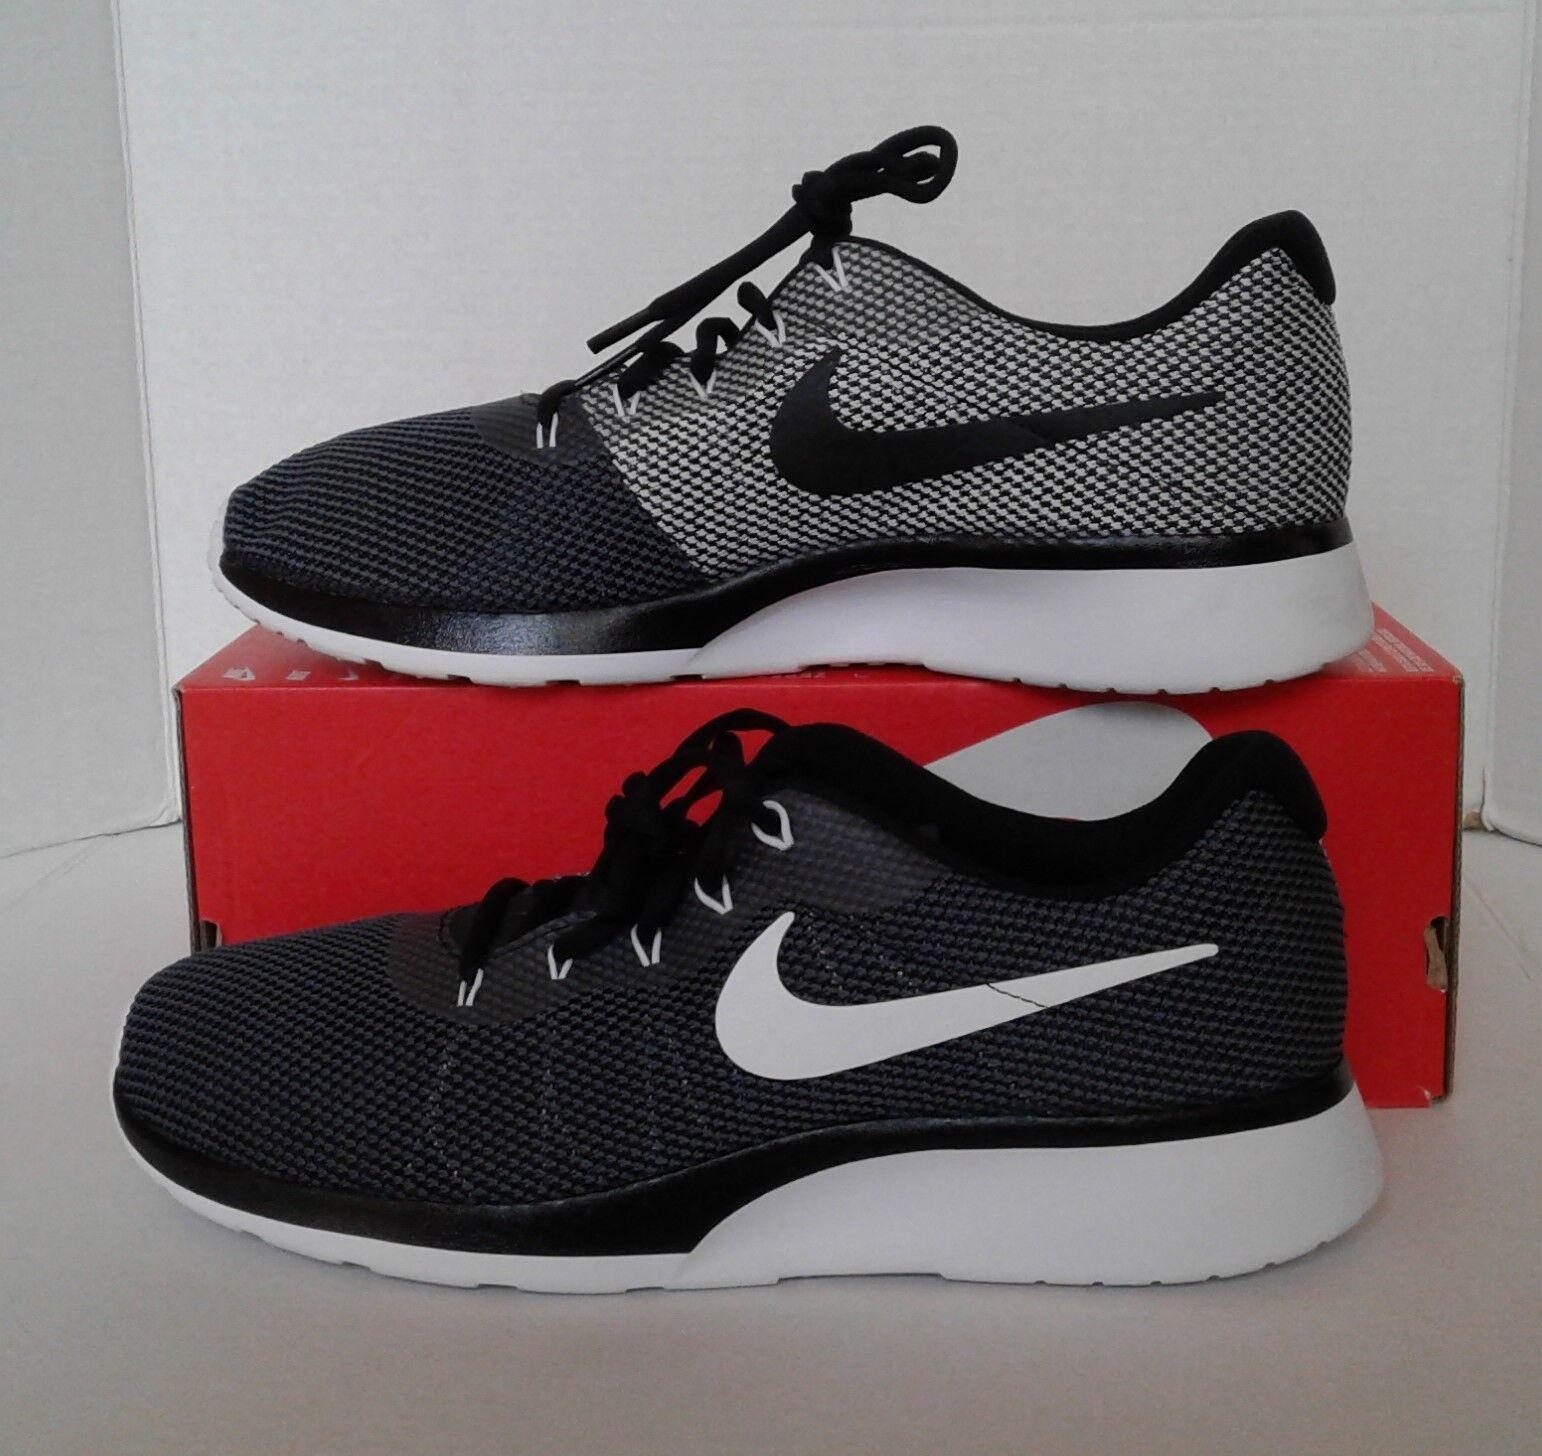 Nueva Nike hombre / Dark Gray / Blanco / hombre Negro Tanjun Racer zapato reducción de precio d42a64